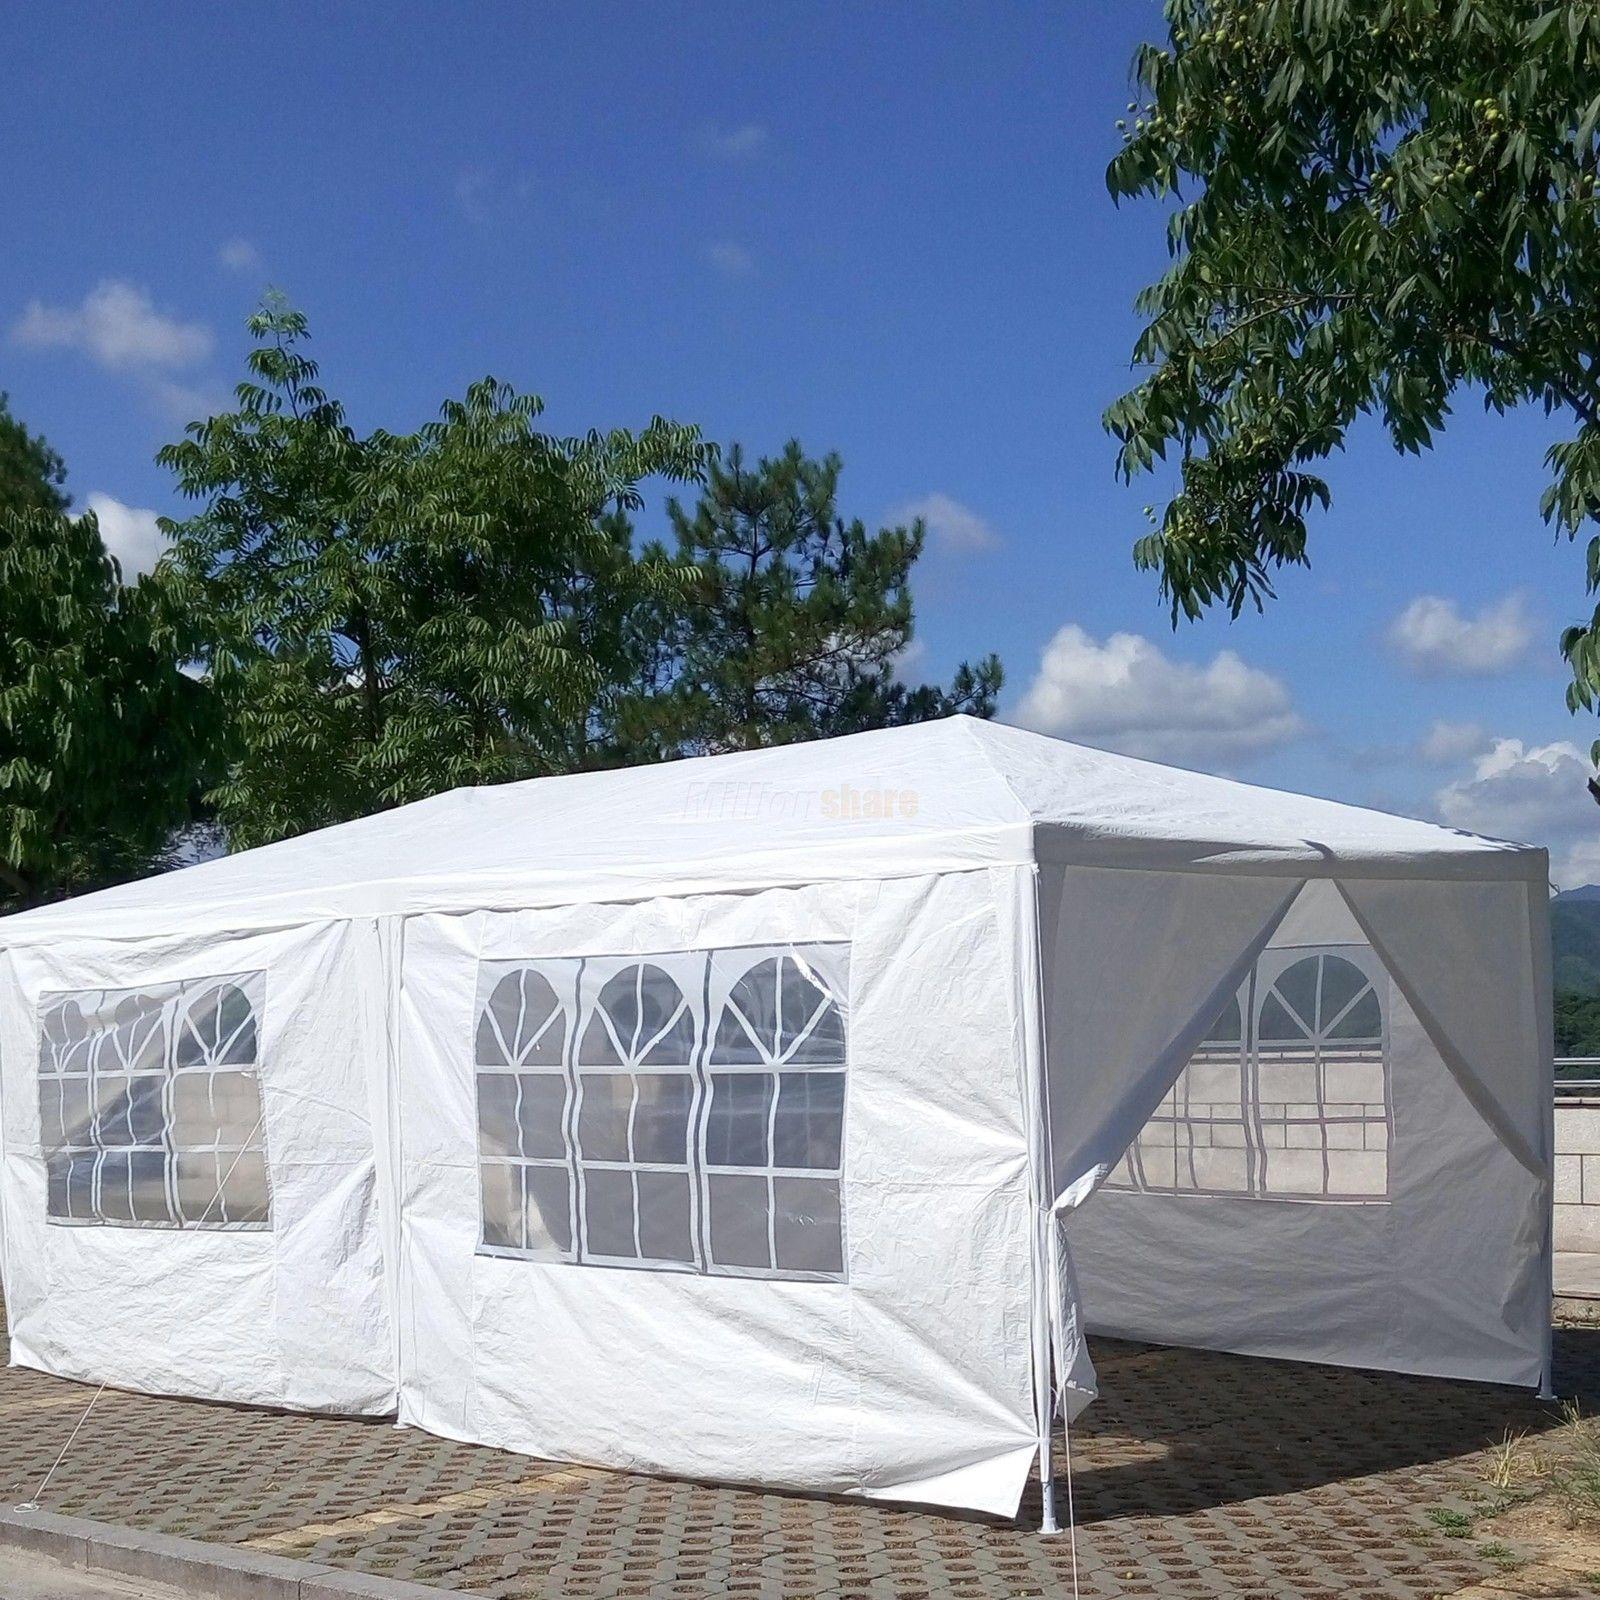 10 X 20 White Party Tent Canopy Gazebo